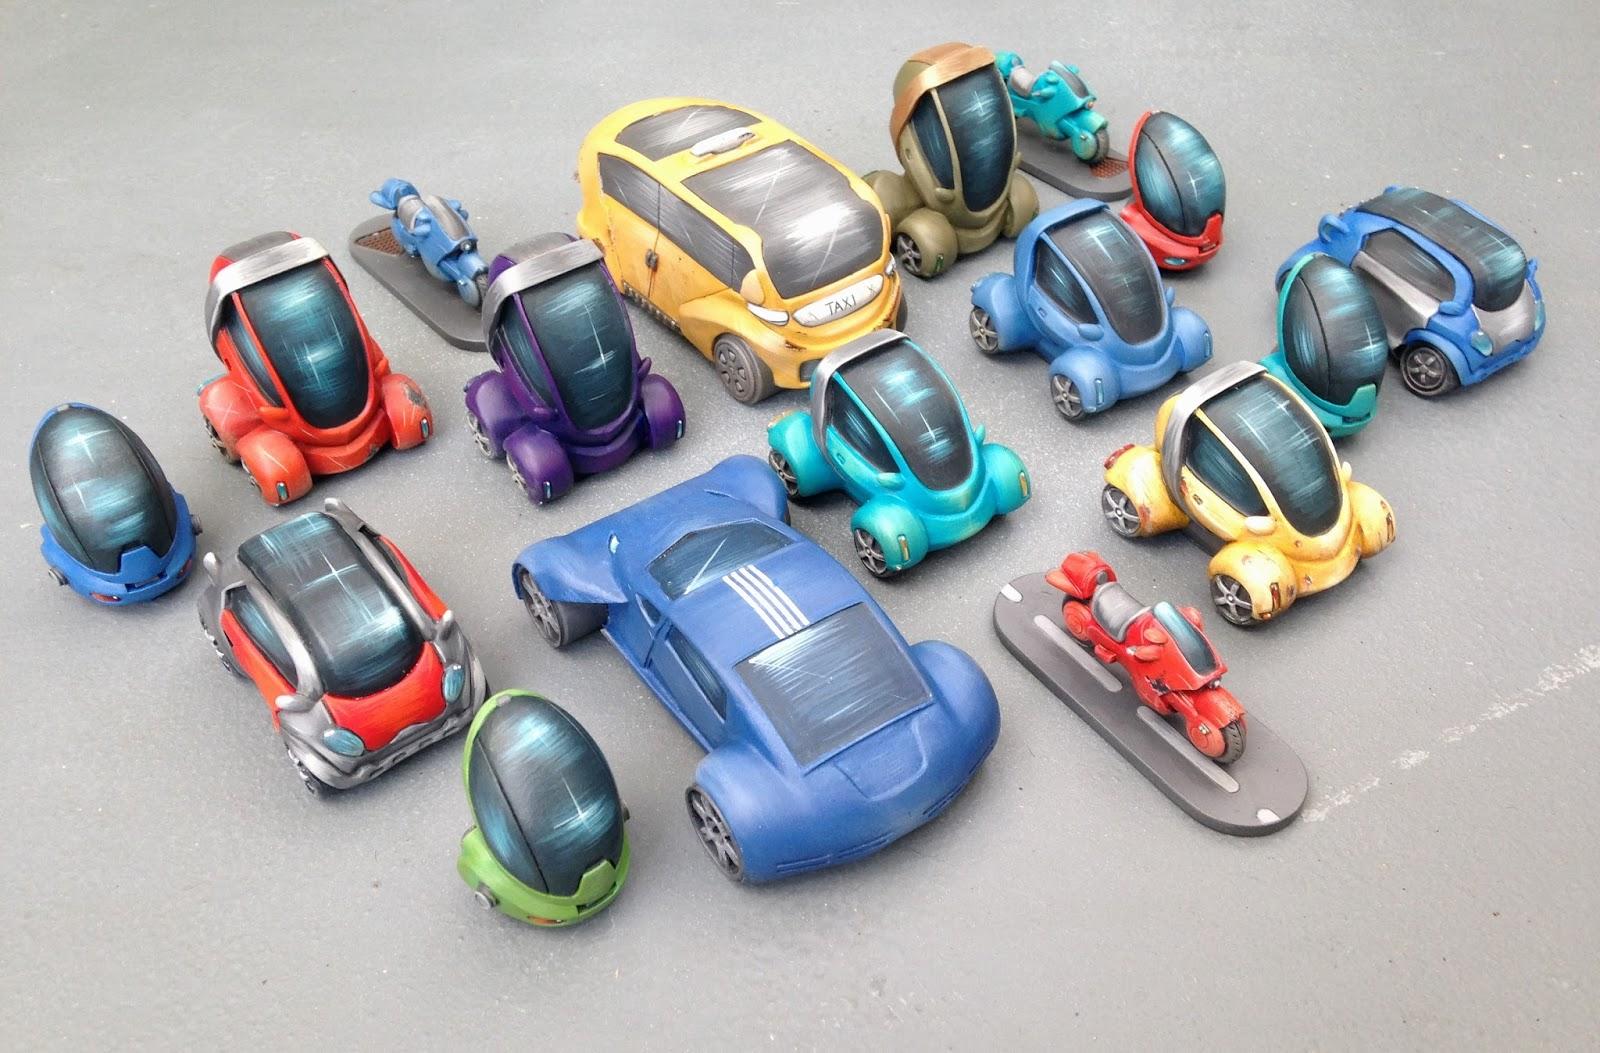 full spectrum dominance: infinity terrain - city cars